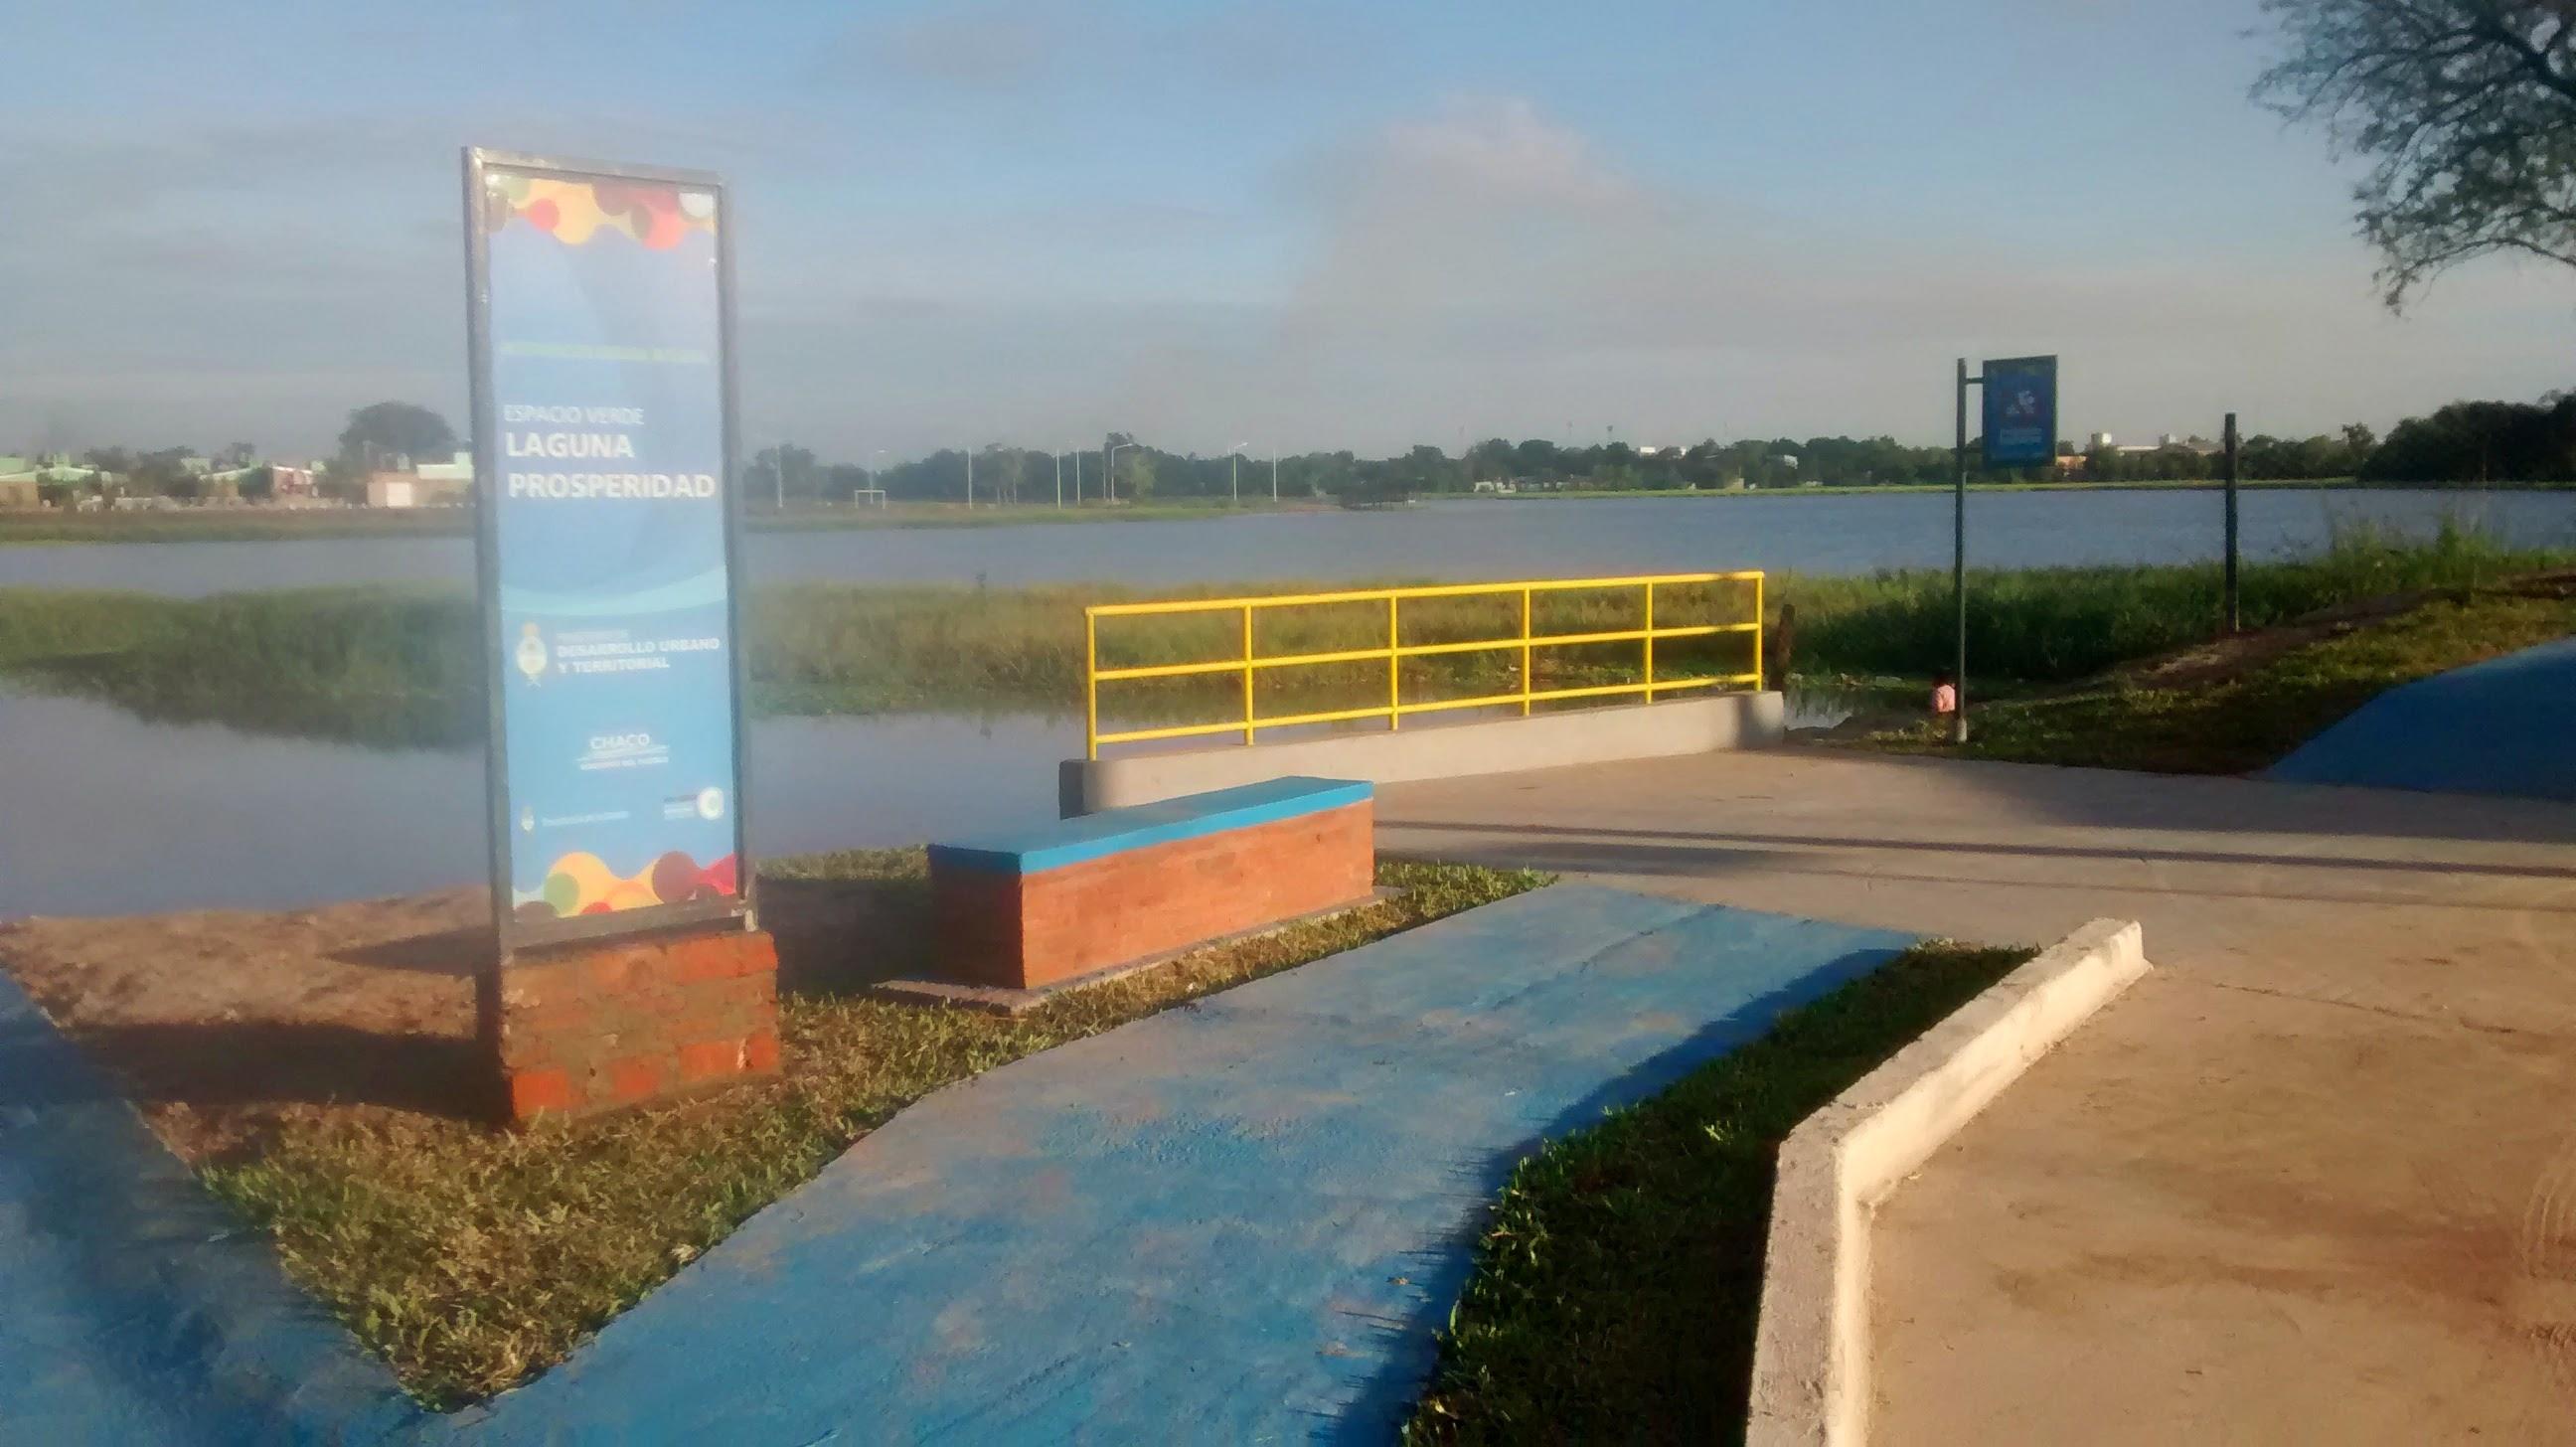 Final del pavimento, laguna Prosperidad y a lo lejos el nuevo parque